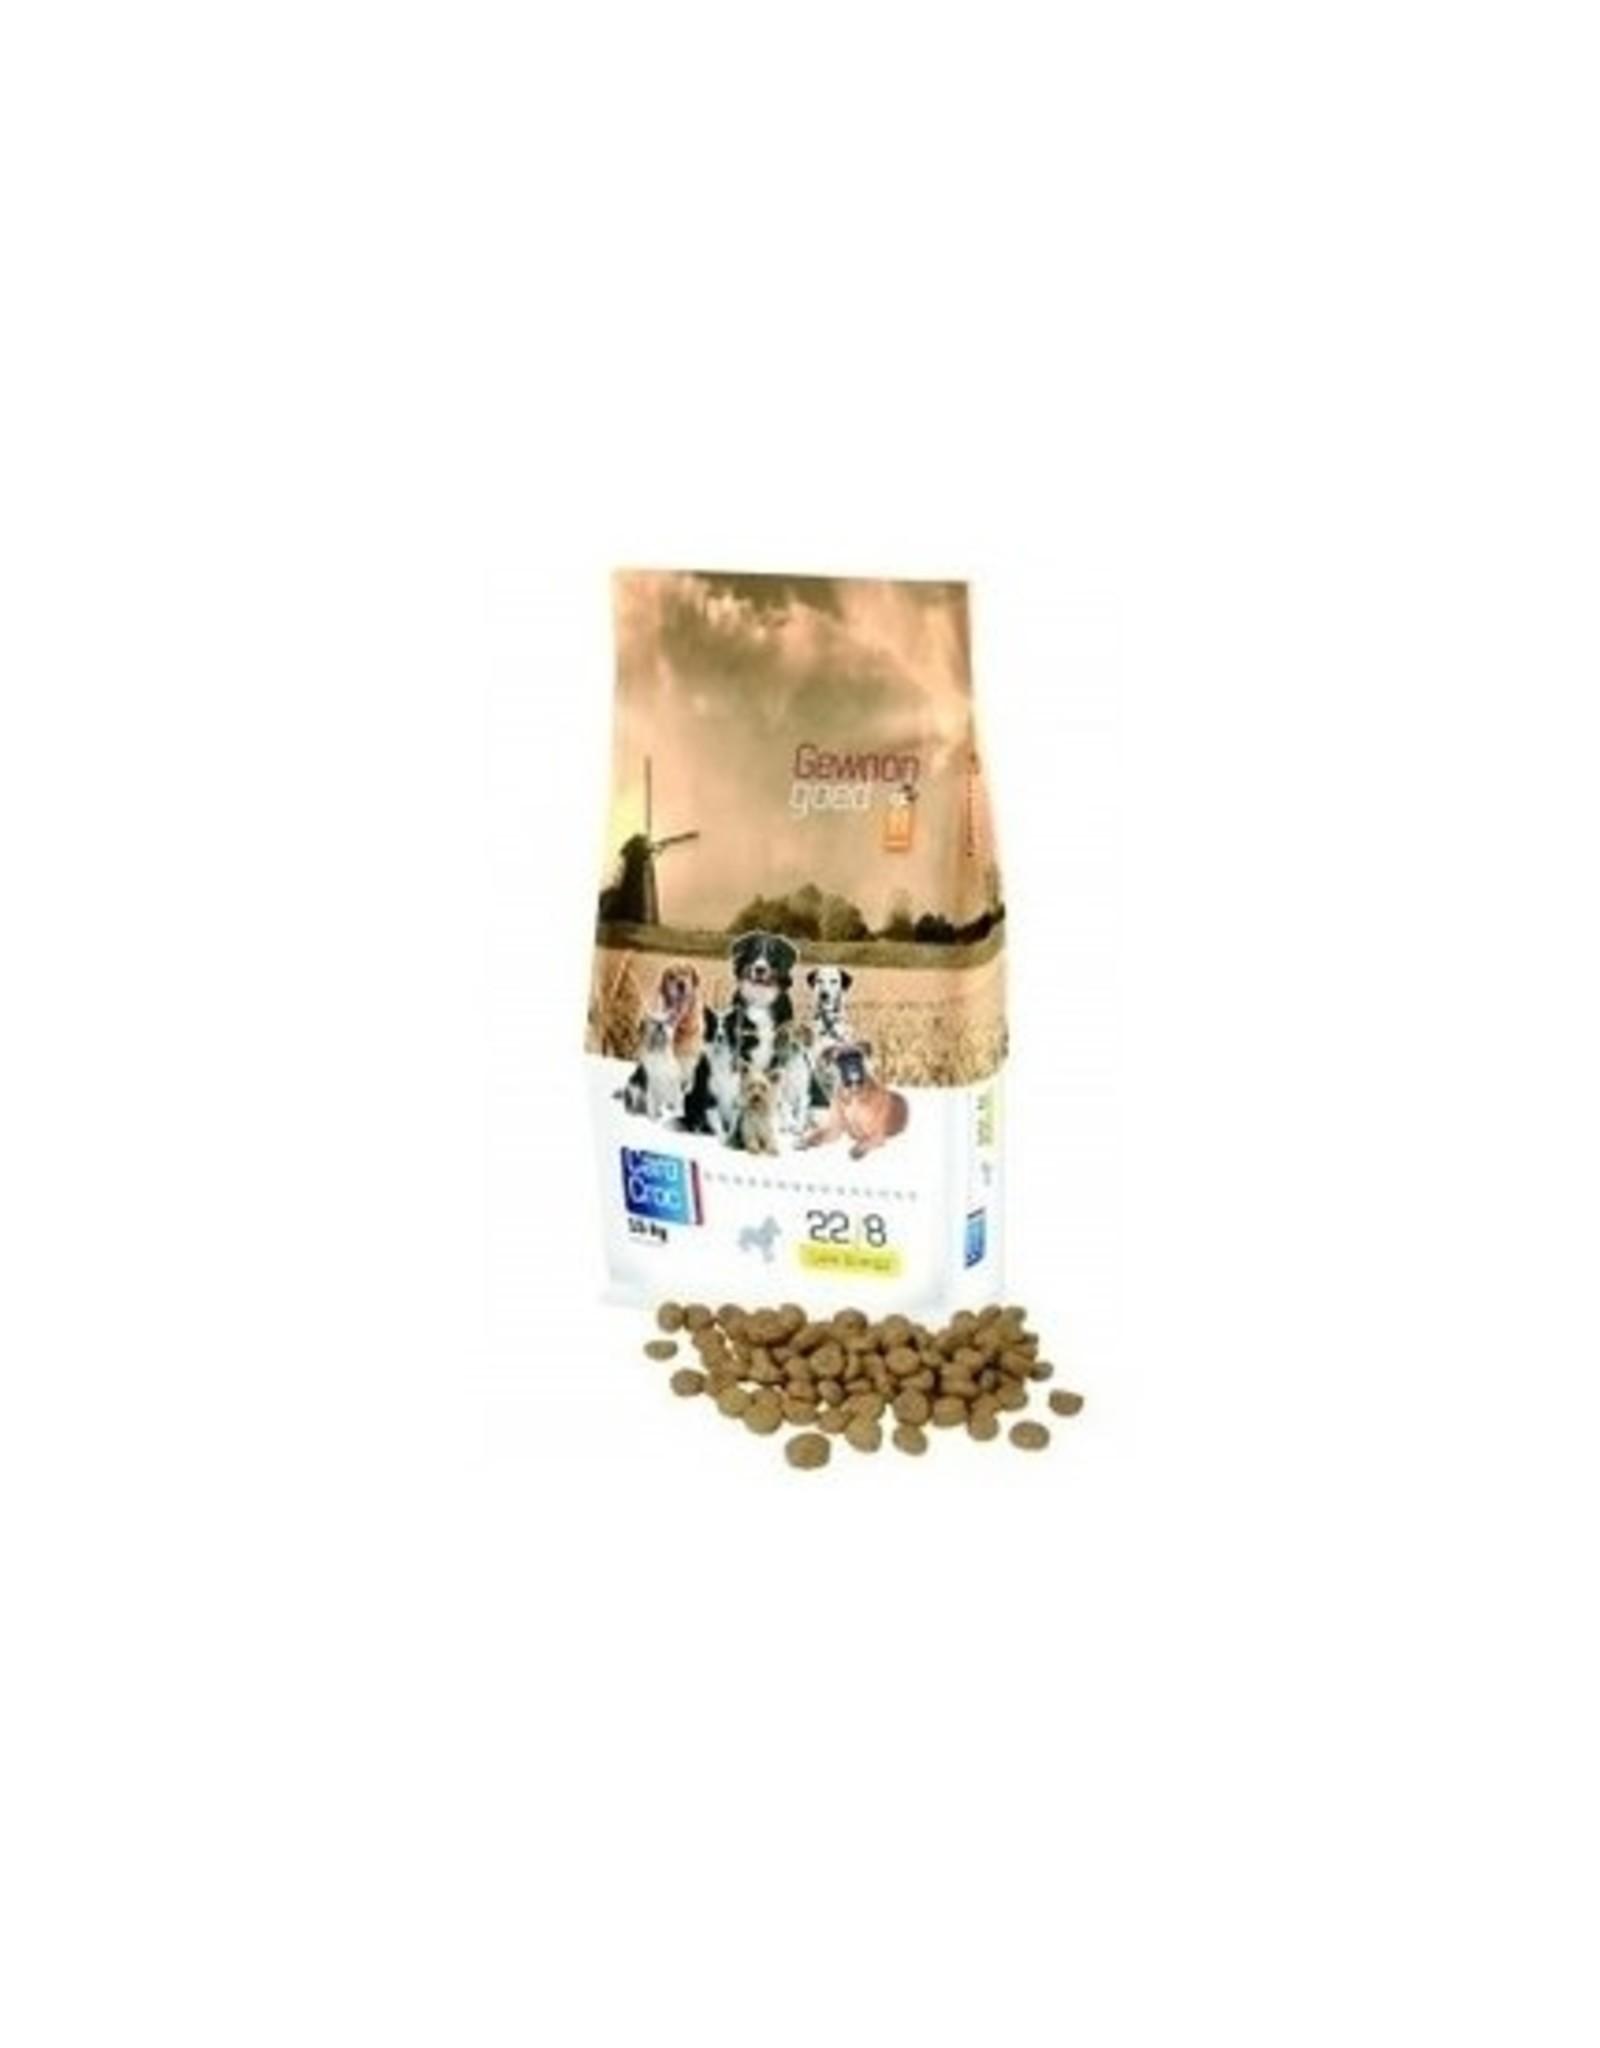 Sanimed Sanimed Carocroc 22/8 Canine Low Energy Chk Riz 3kg